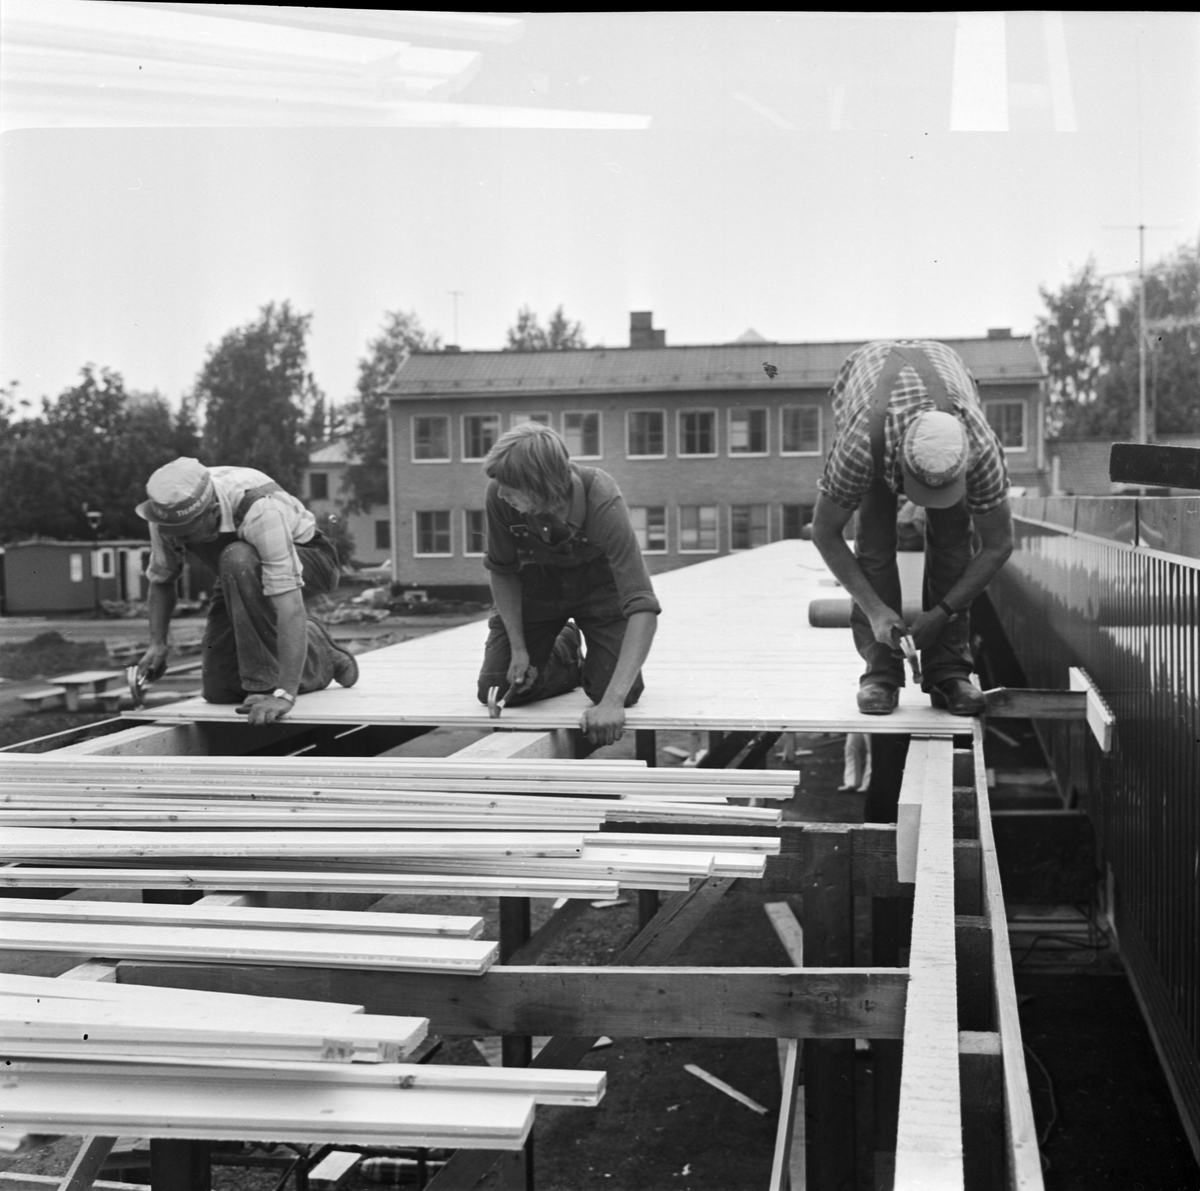 Brådska med bygge av lågstadieskola inför skolstart, Tierp, Uppland, augusti 1972